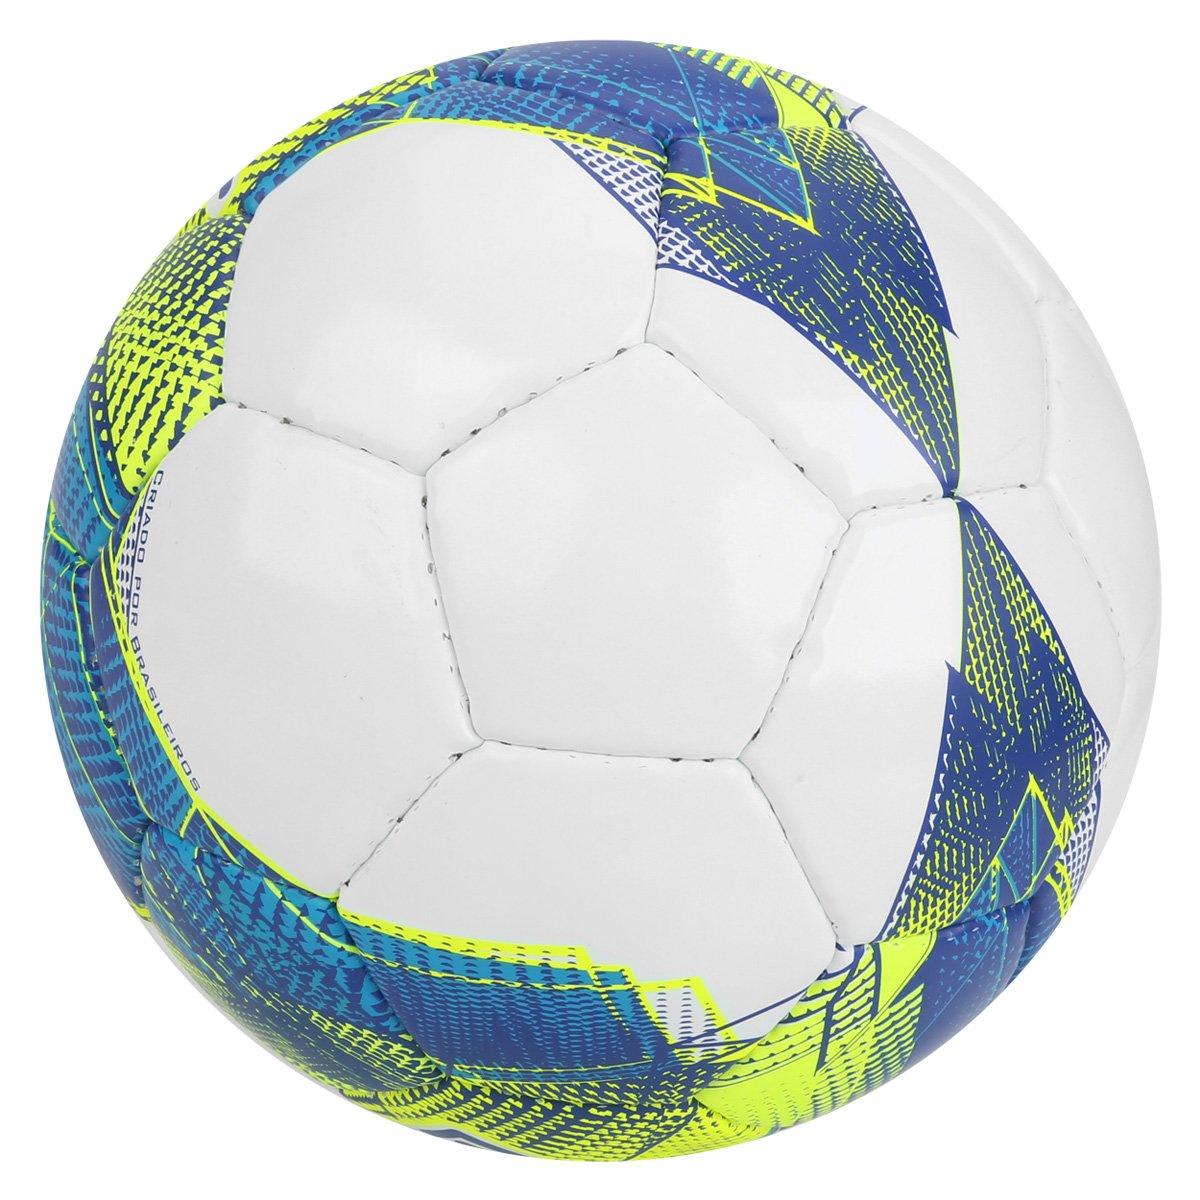 Bola Futsal Penalty Digital 500 Com Costura à Mão 7 - Compre Agora ... 97820e9c18dab